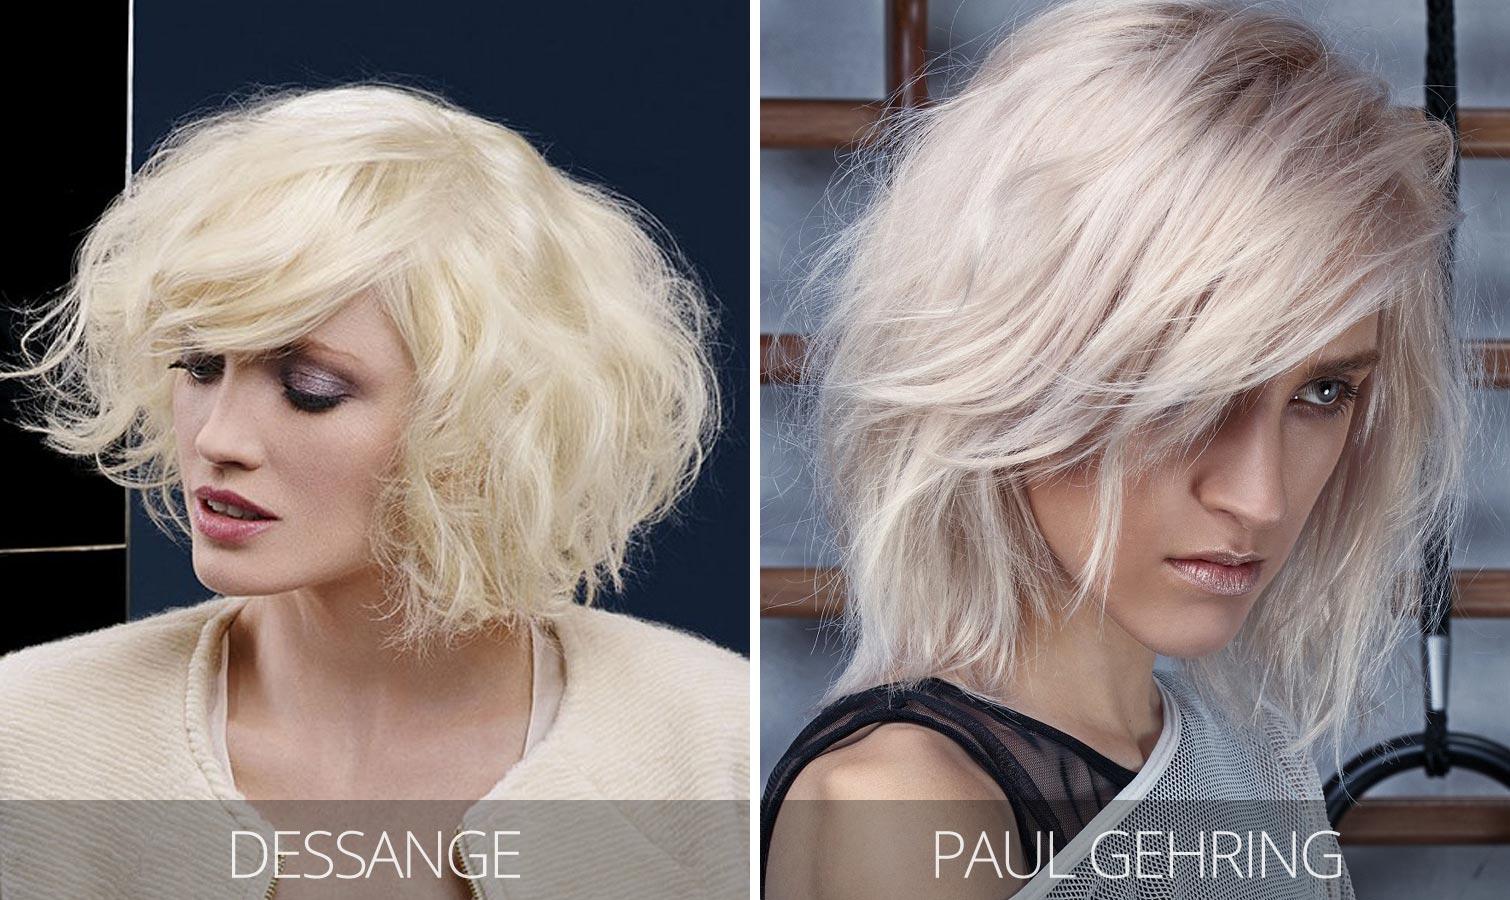 Účesy pro polodlouhé vlasy podzim/zima 2015/2016 –dejte polodlouhým vlasům objem!